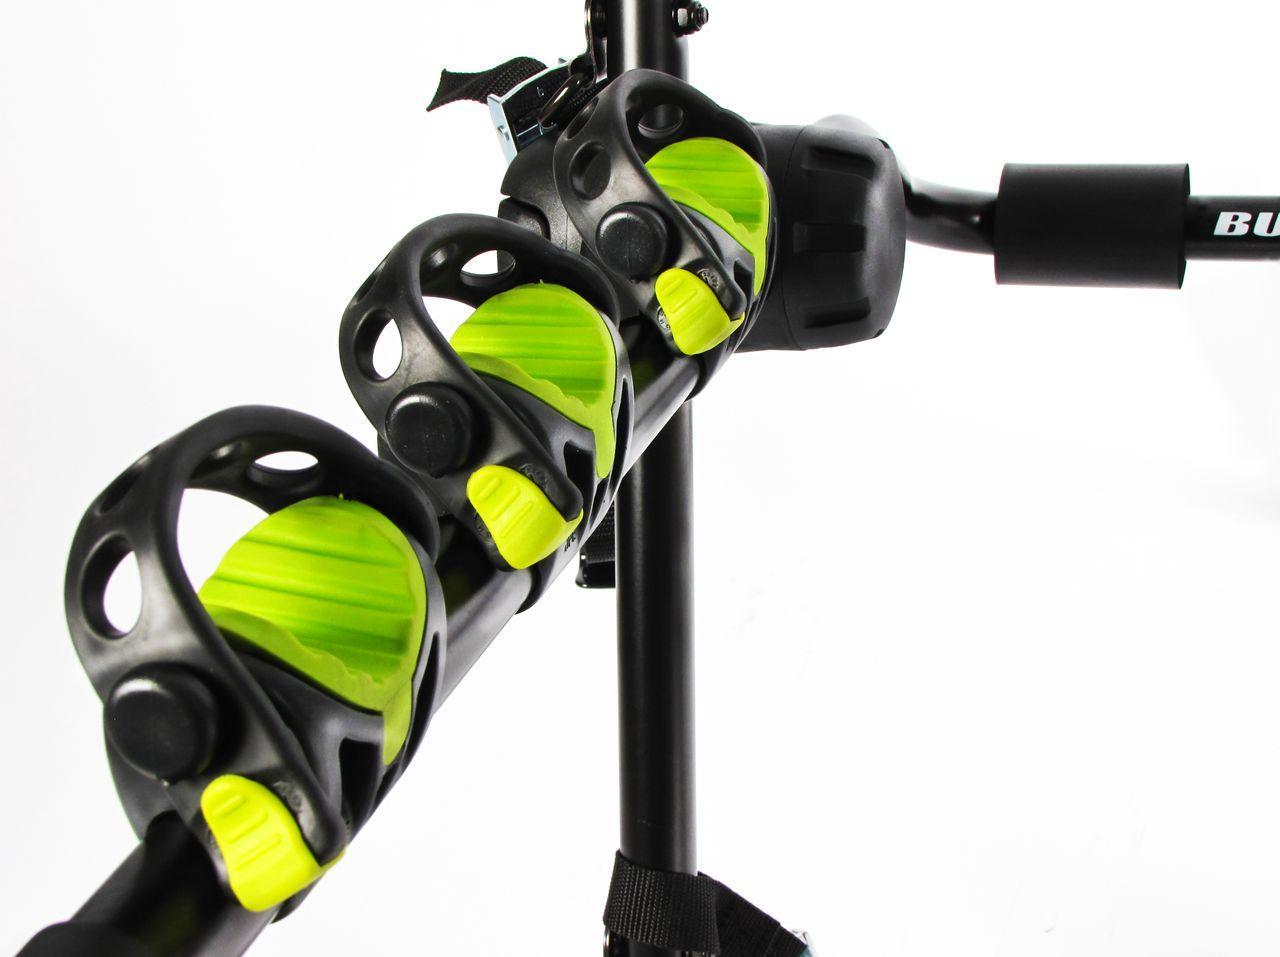 1000 Porta-bicicleta traseira BUZZ RACK 1000 Enorme selecção - fortemente reduzidos